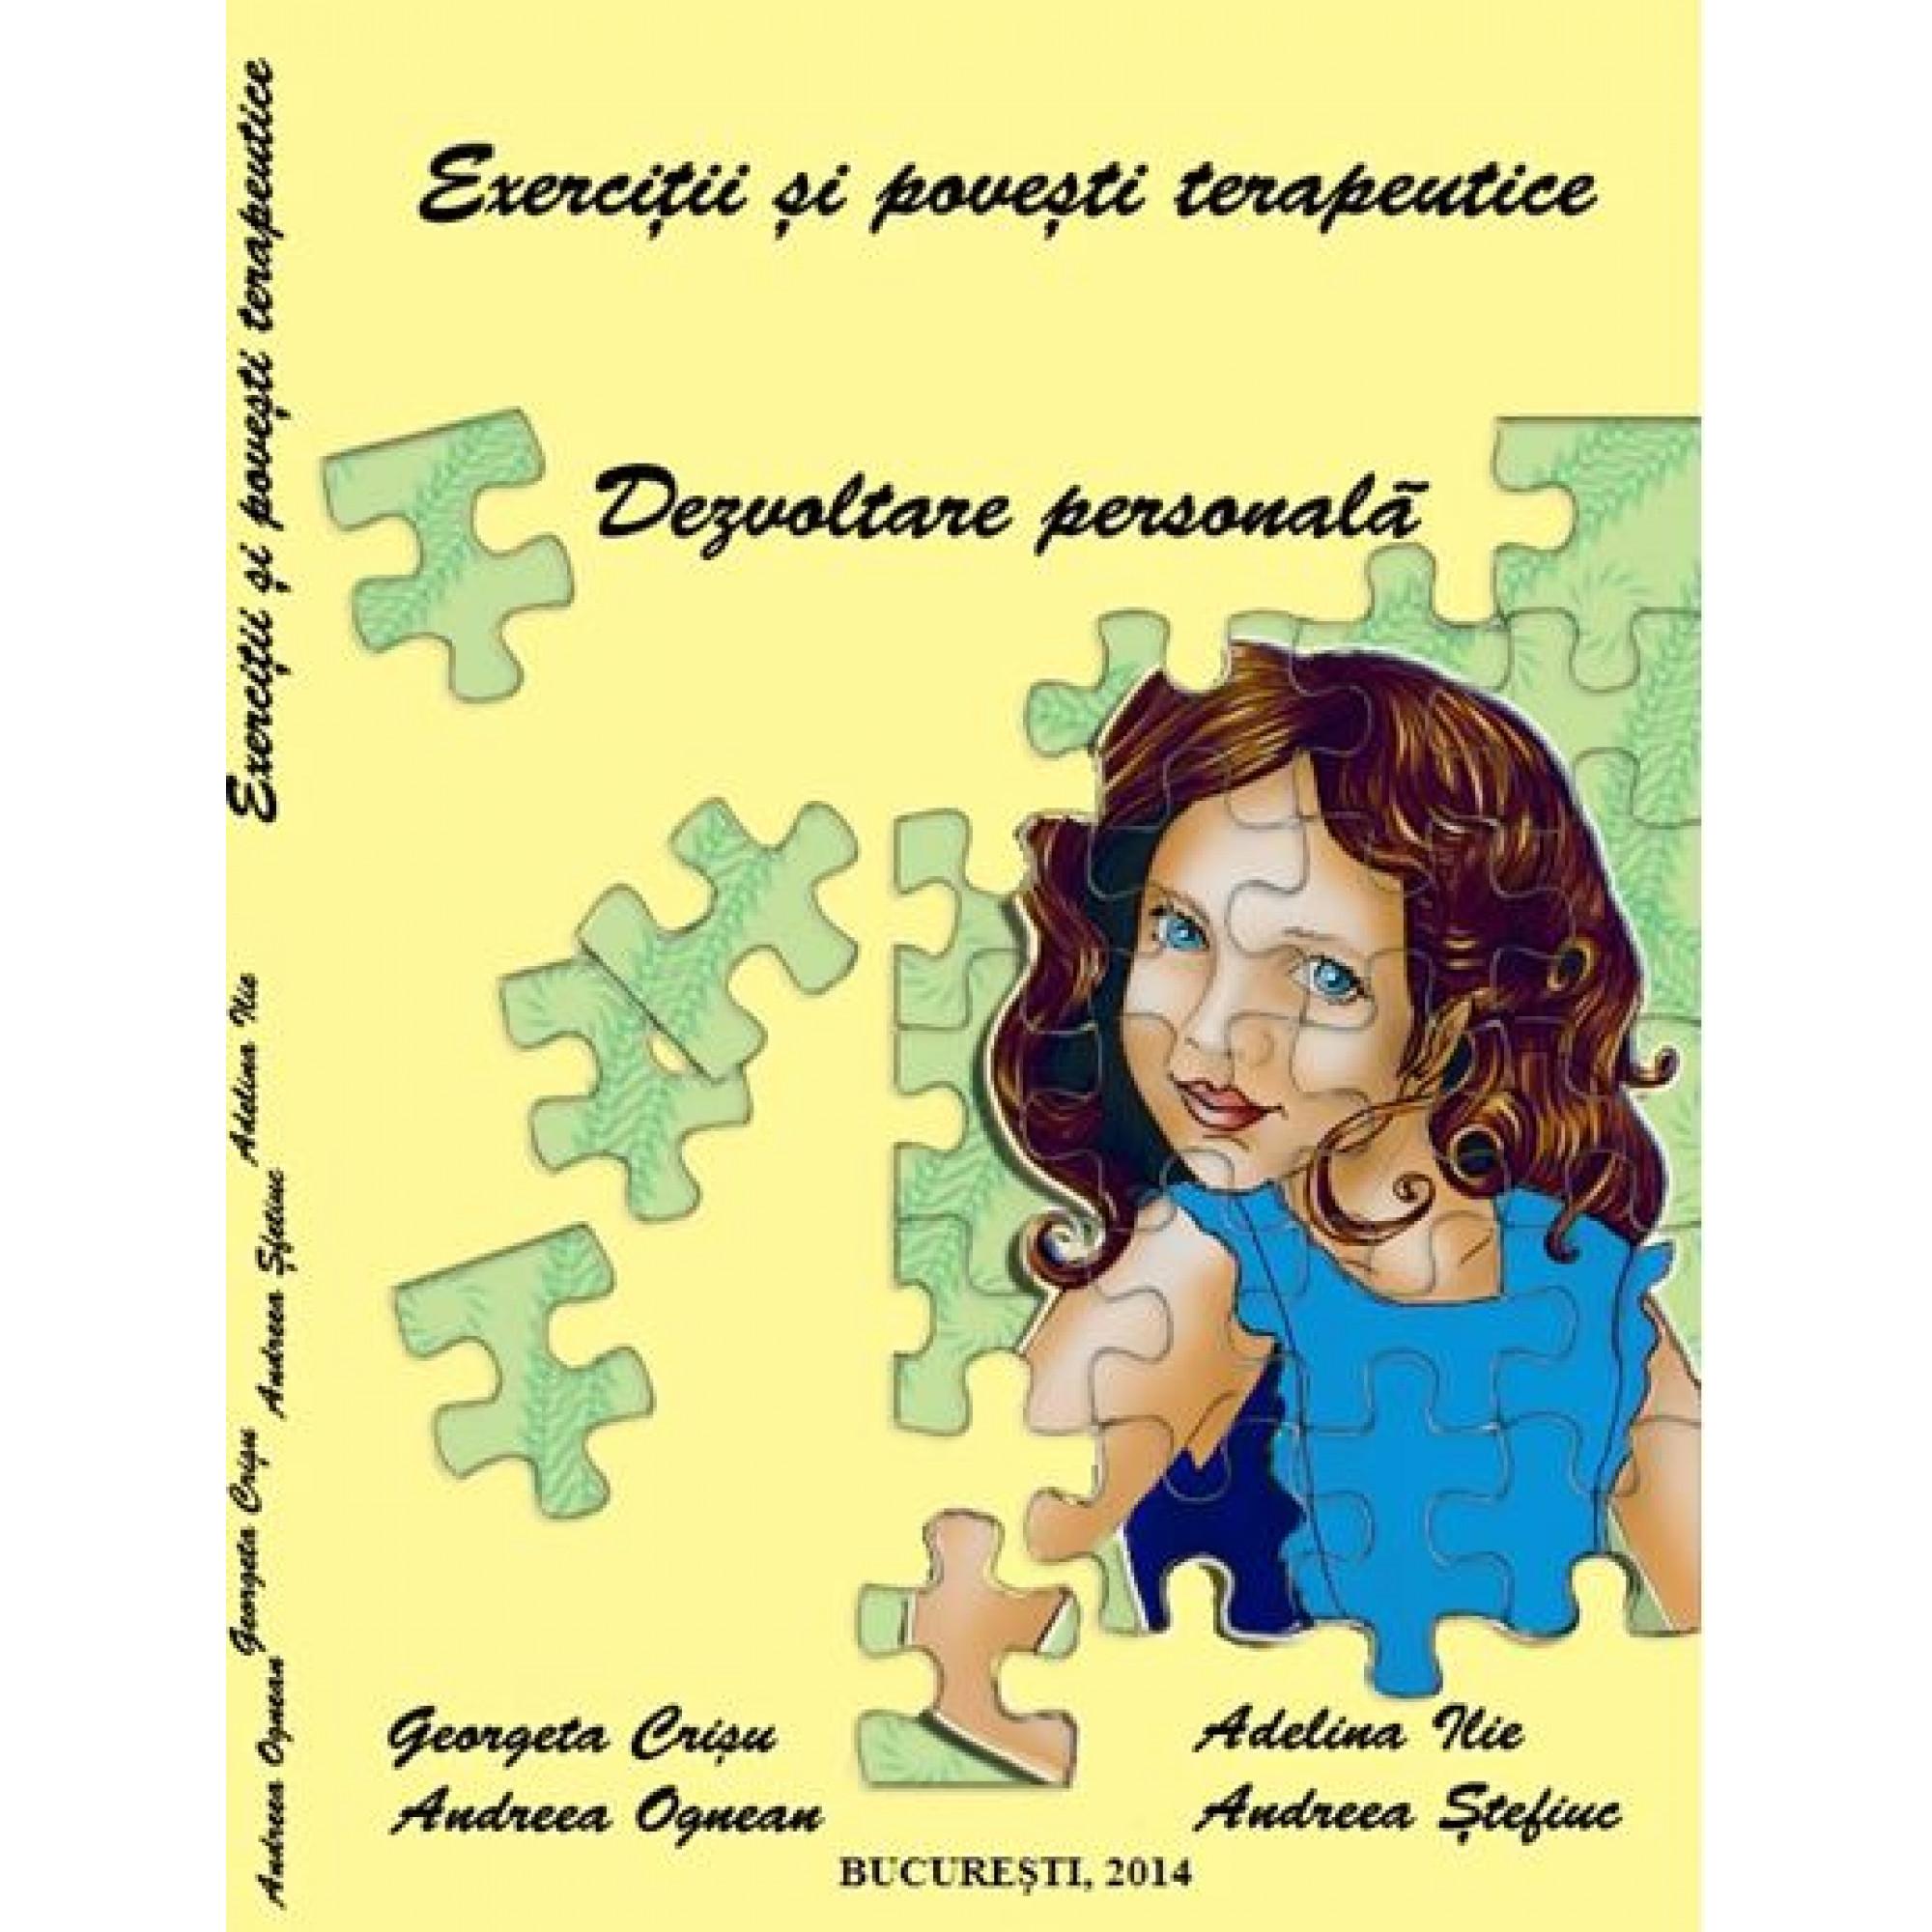 Exerciţii şi poveşti terapeutice. Dezvoltare personală